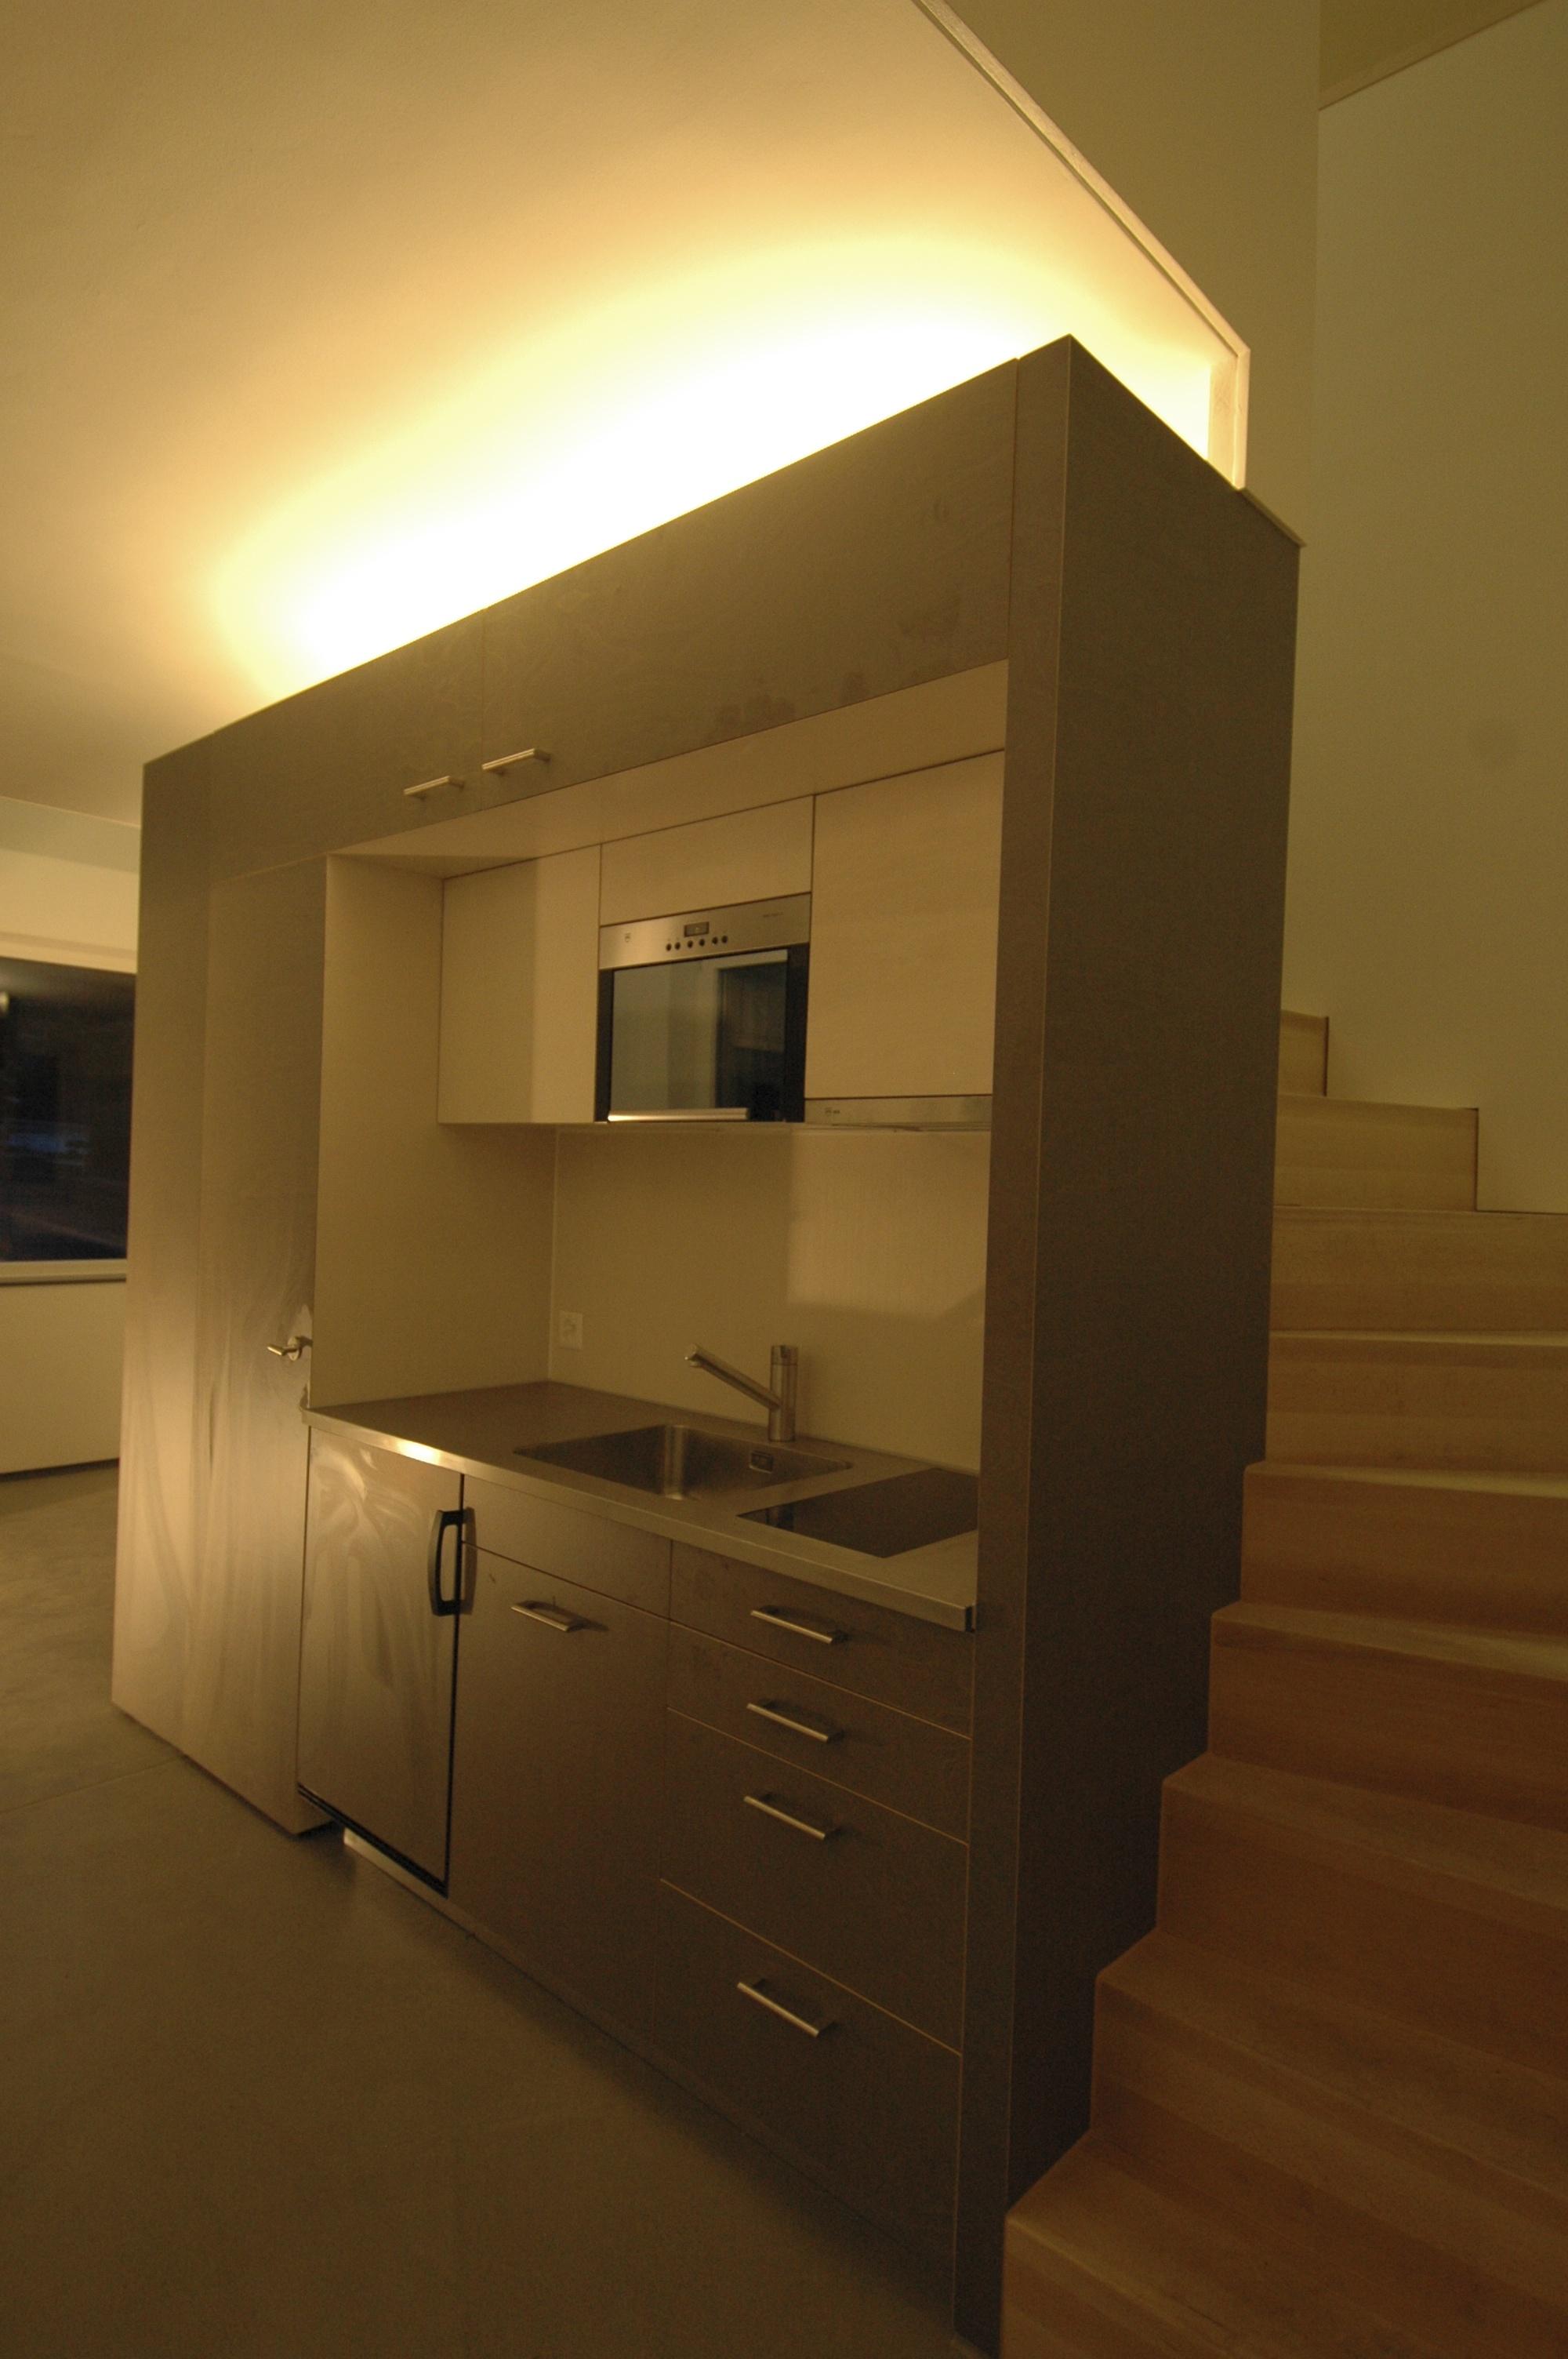 Bad Und Küche küchen bad kubus ivomoebel com